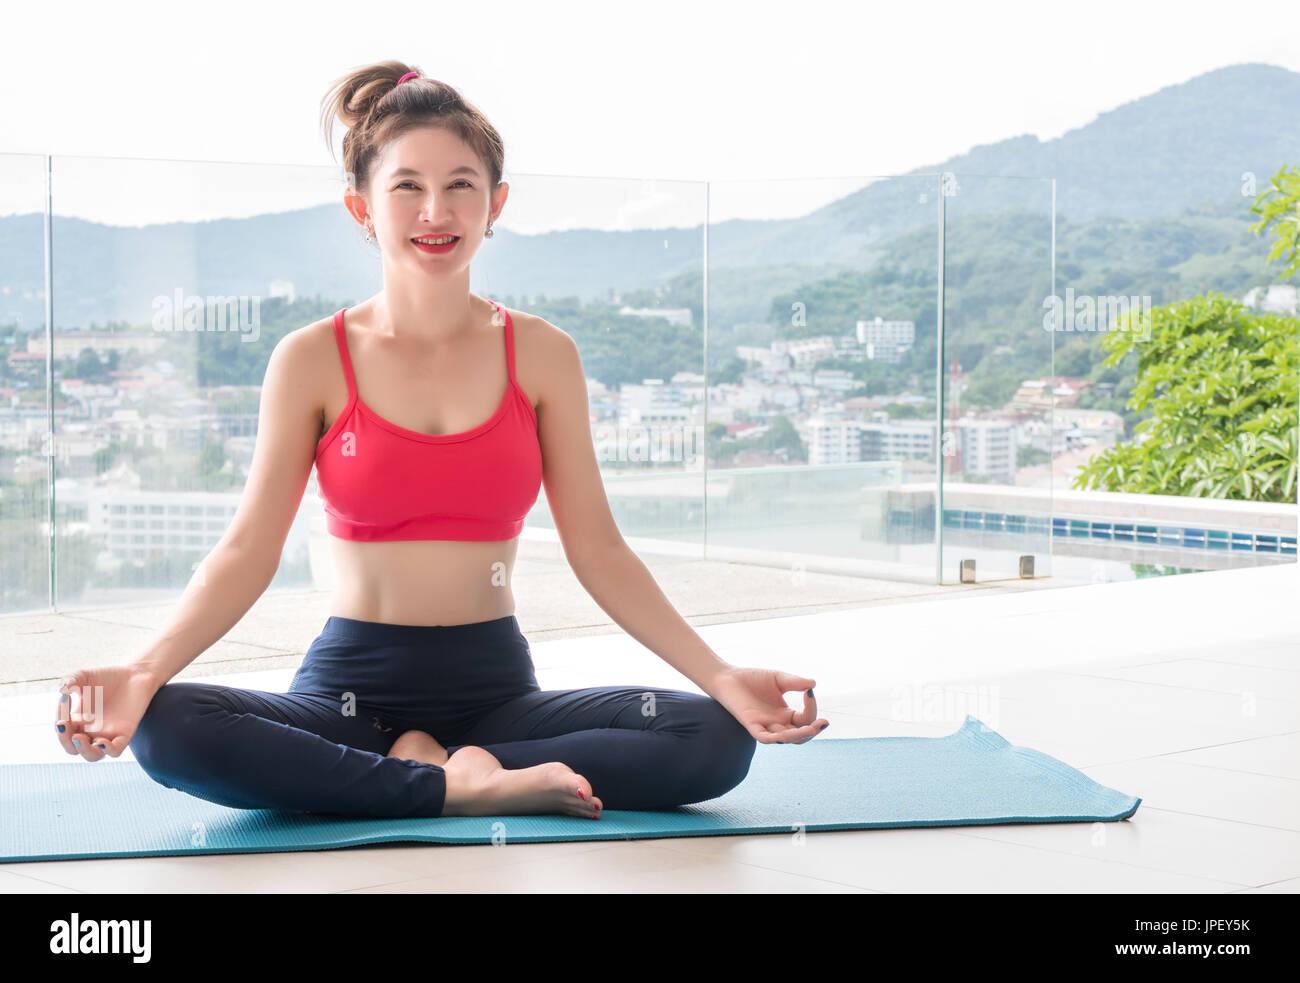 gesunde schöne frauen kleidung Übung spielen yoga